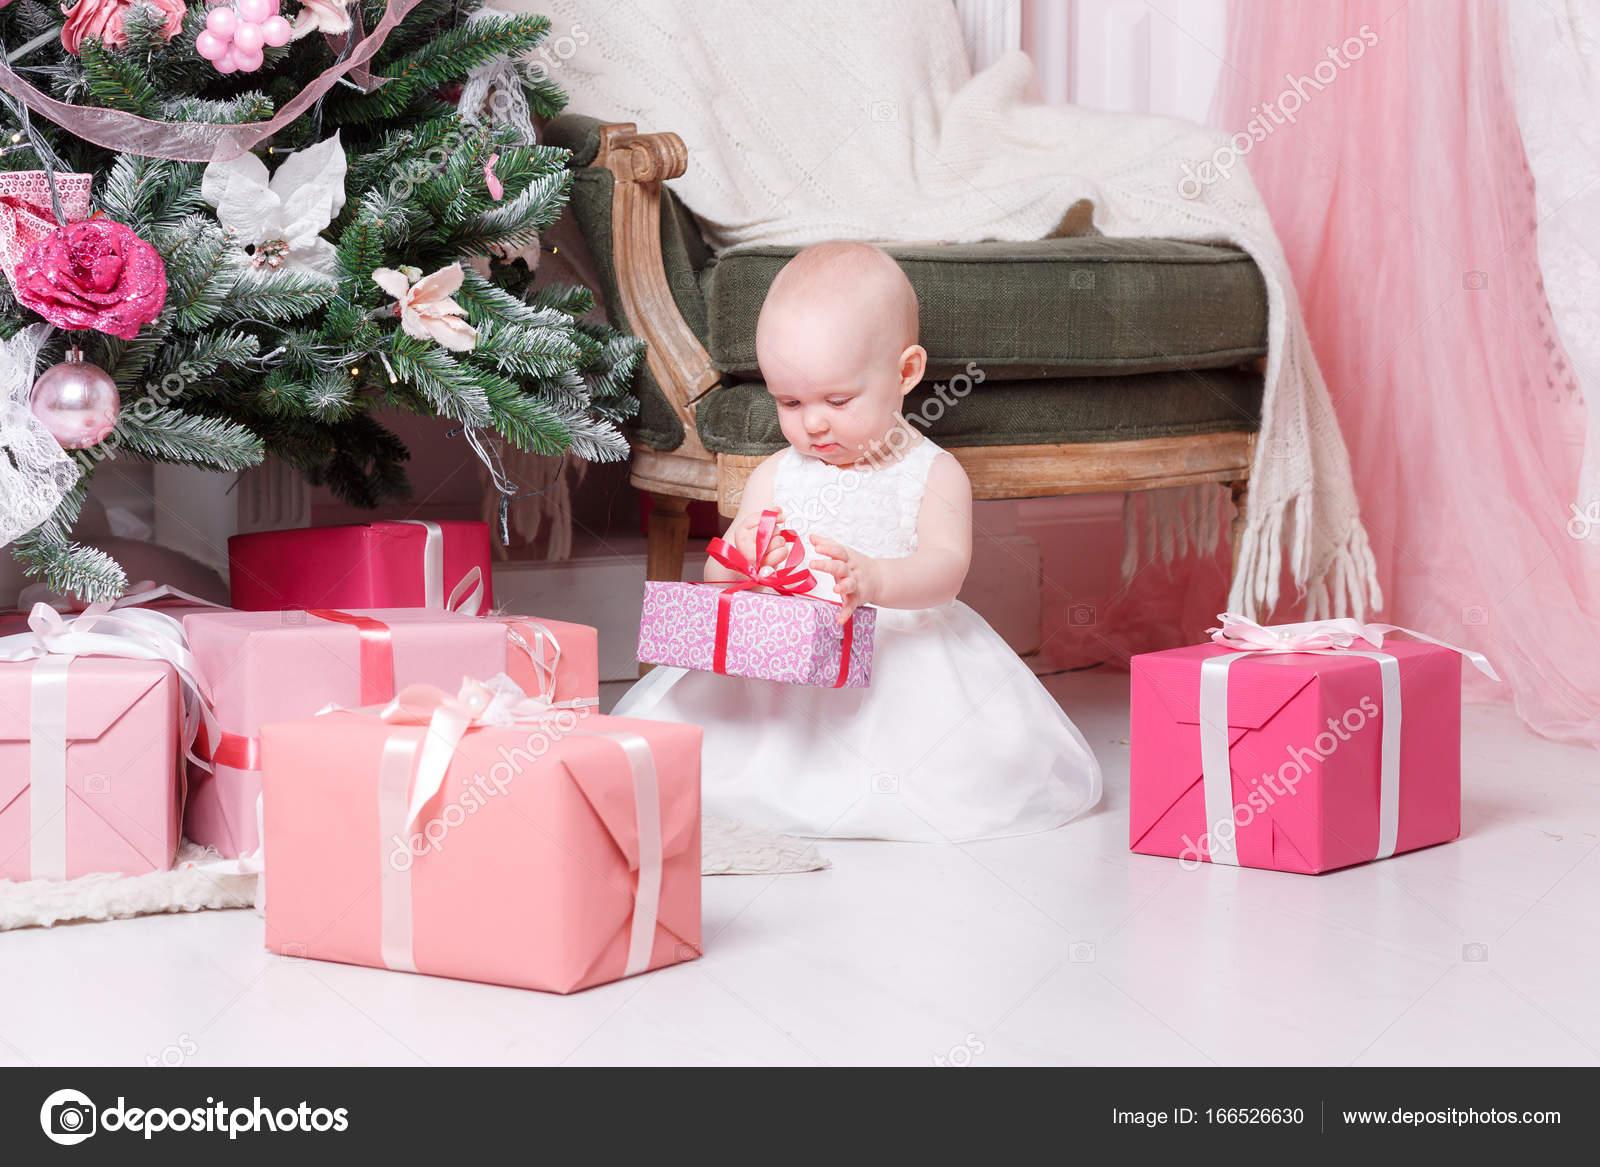 Noche de Navidad. Niña sentada y desenvuelve regalos. vestido blanco ...